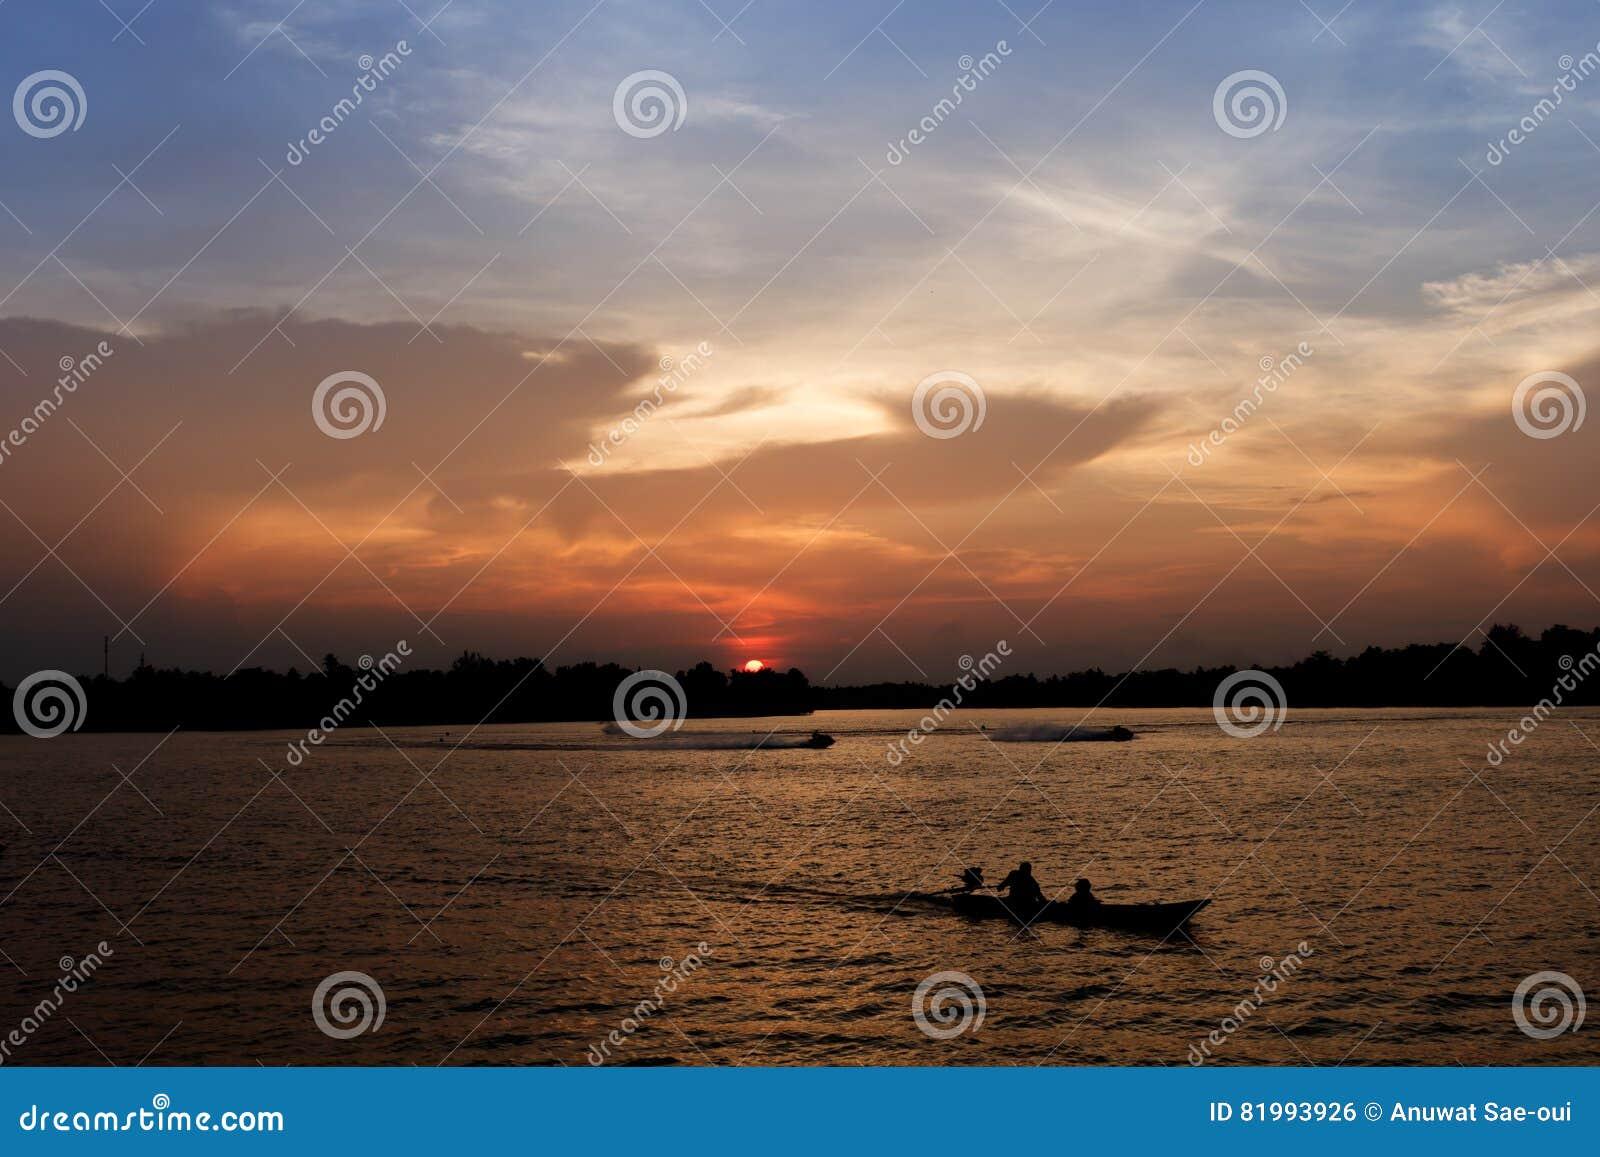 Sylwetka długiego ogonu łódź